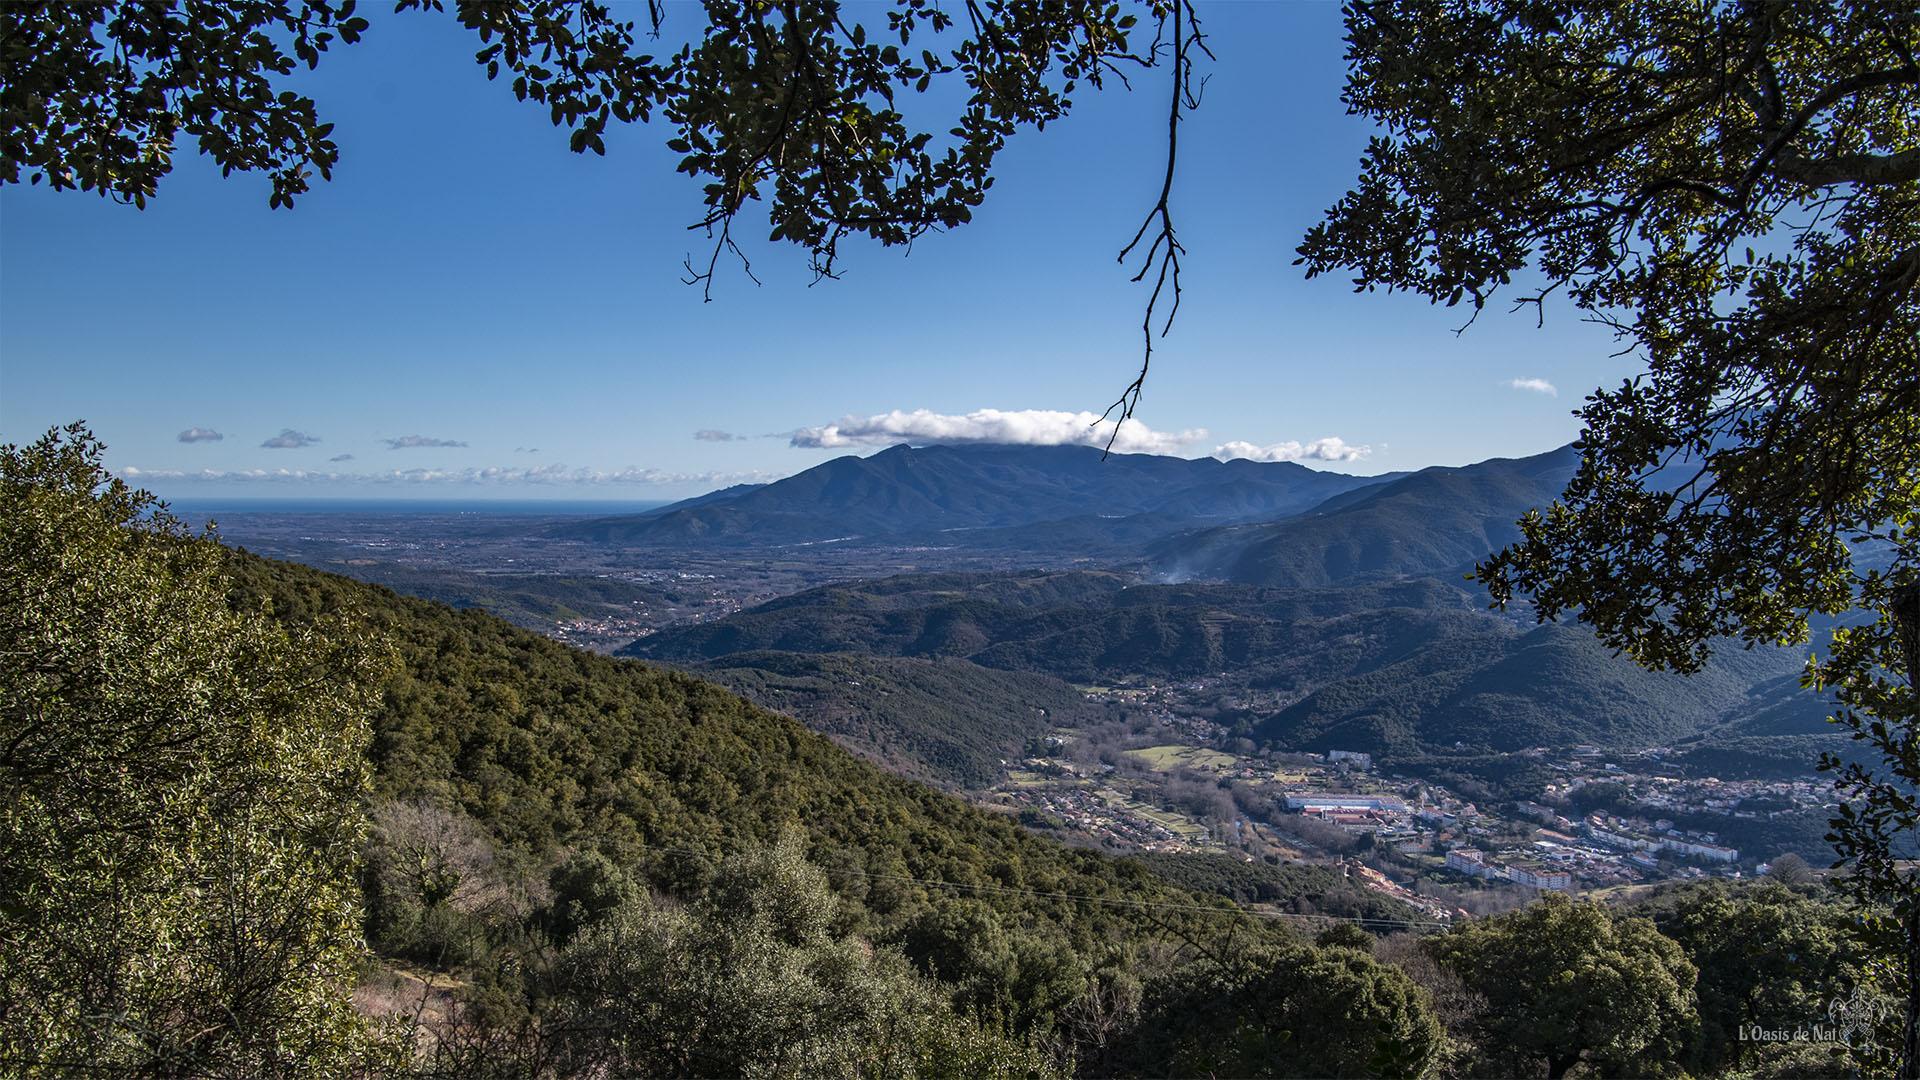 Depuis le chemin, vue sur Amélie en contre-bas, la vallée du Vallespir, Céret, le massif des Albères à la frontière espagnole qui se jette par la côte Vermeille dans la Méditerranée